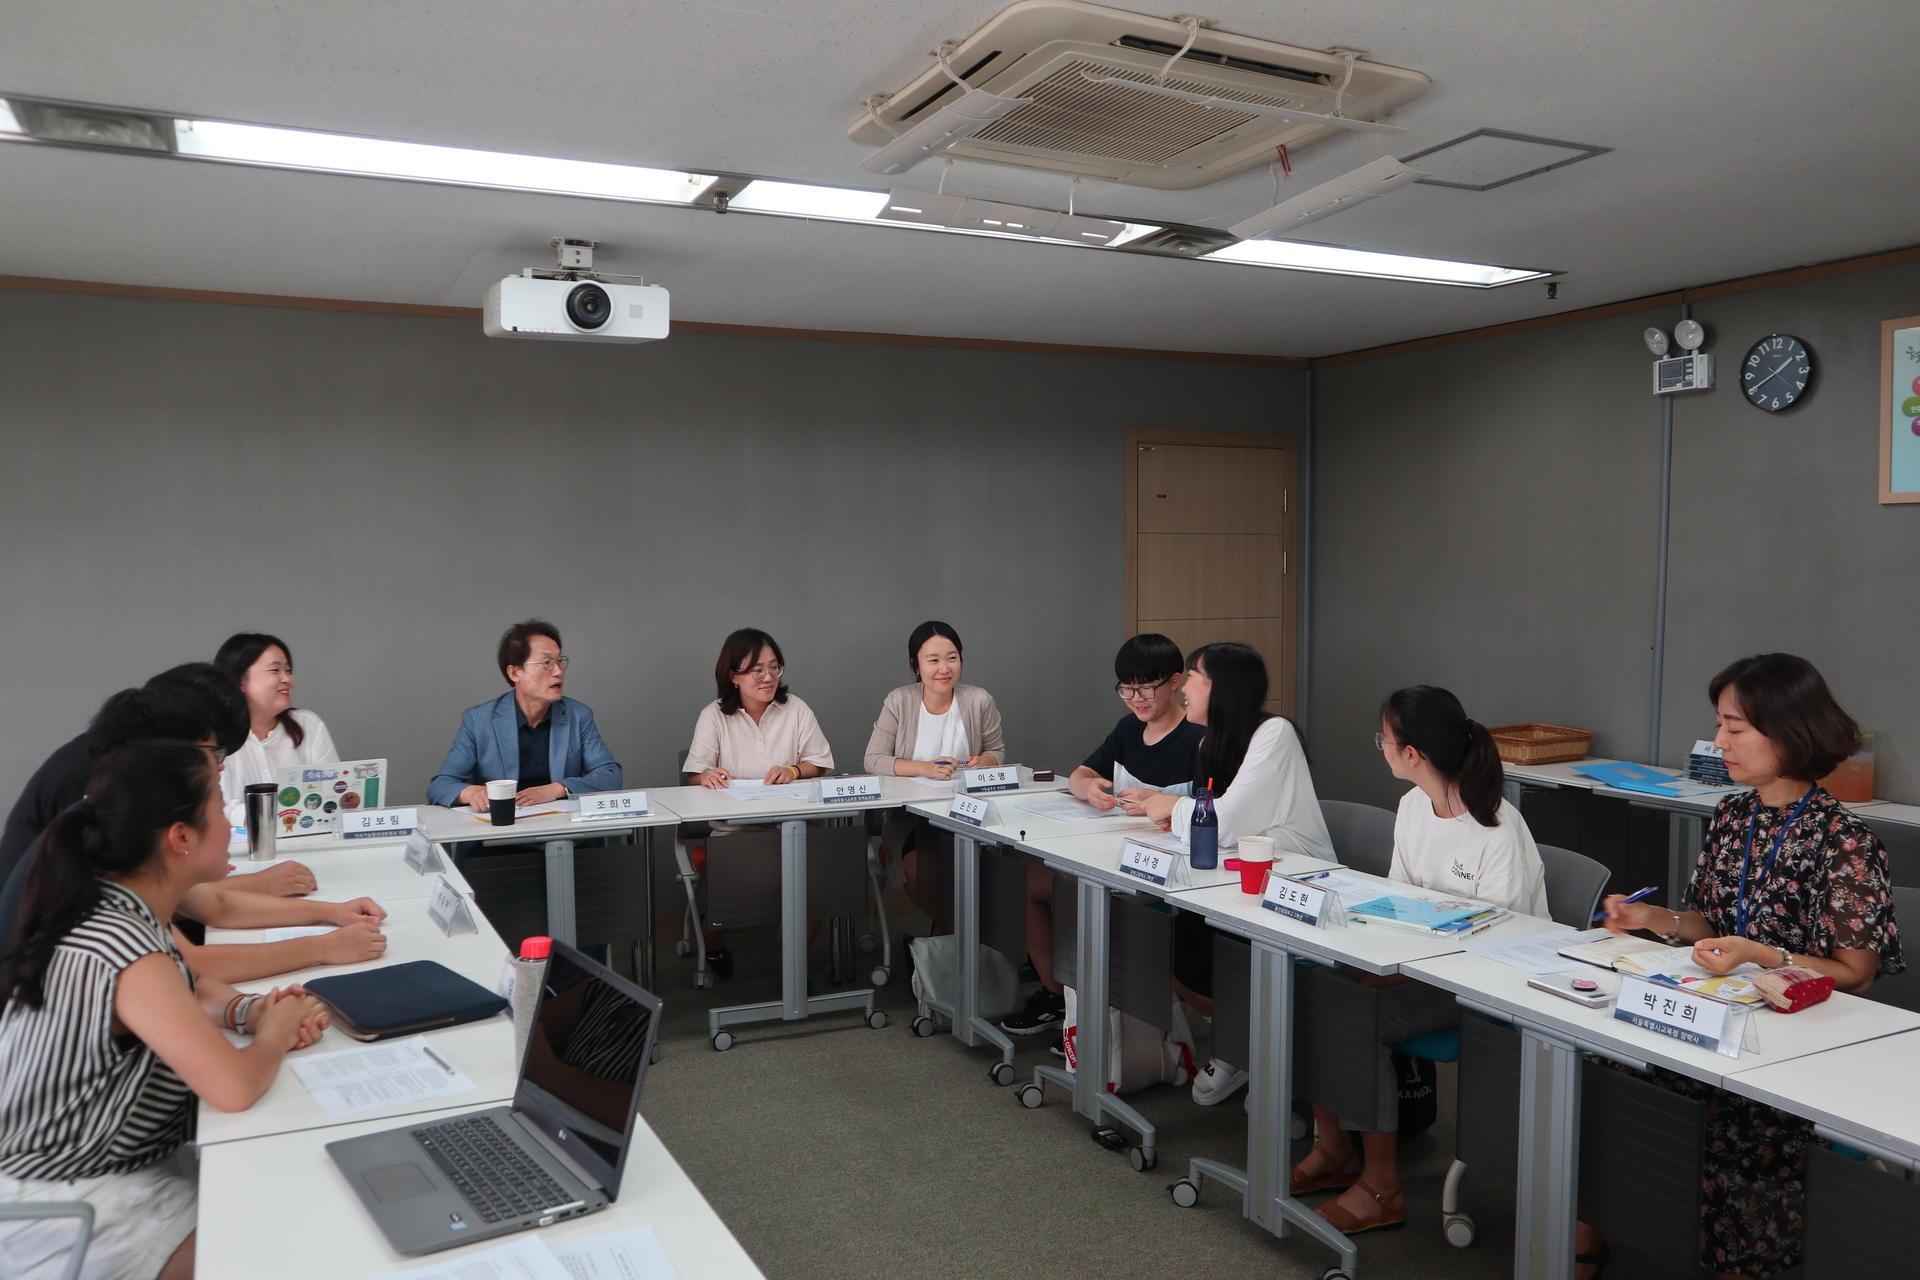 서울시 조희연 교육감과 청소년기후행동이 기후위기 대응을 위한 교육청의 역할에 대해 면담에서 논의를 하고 있다.